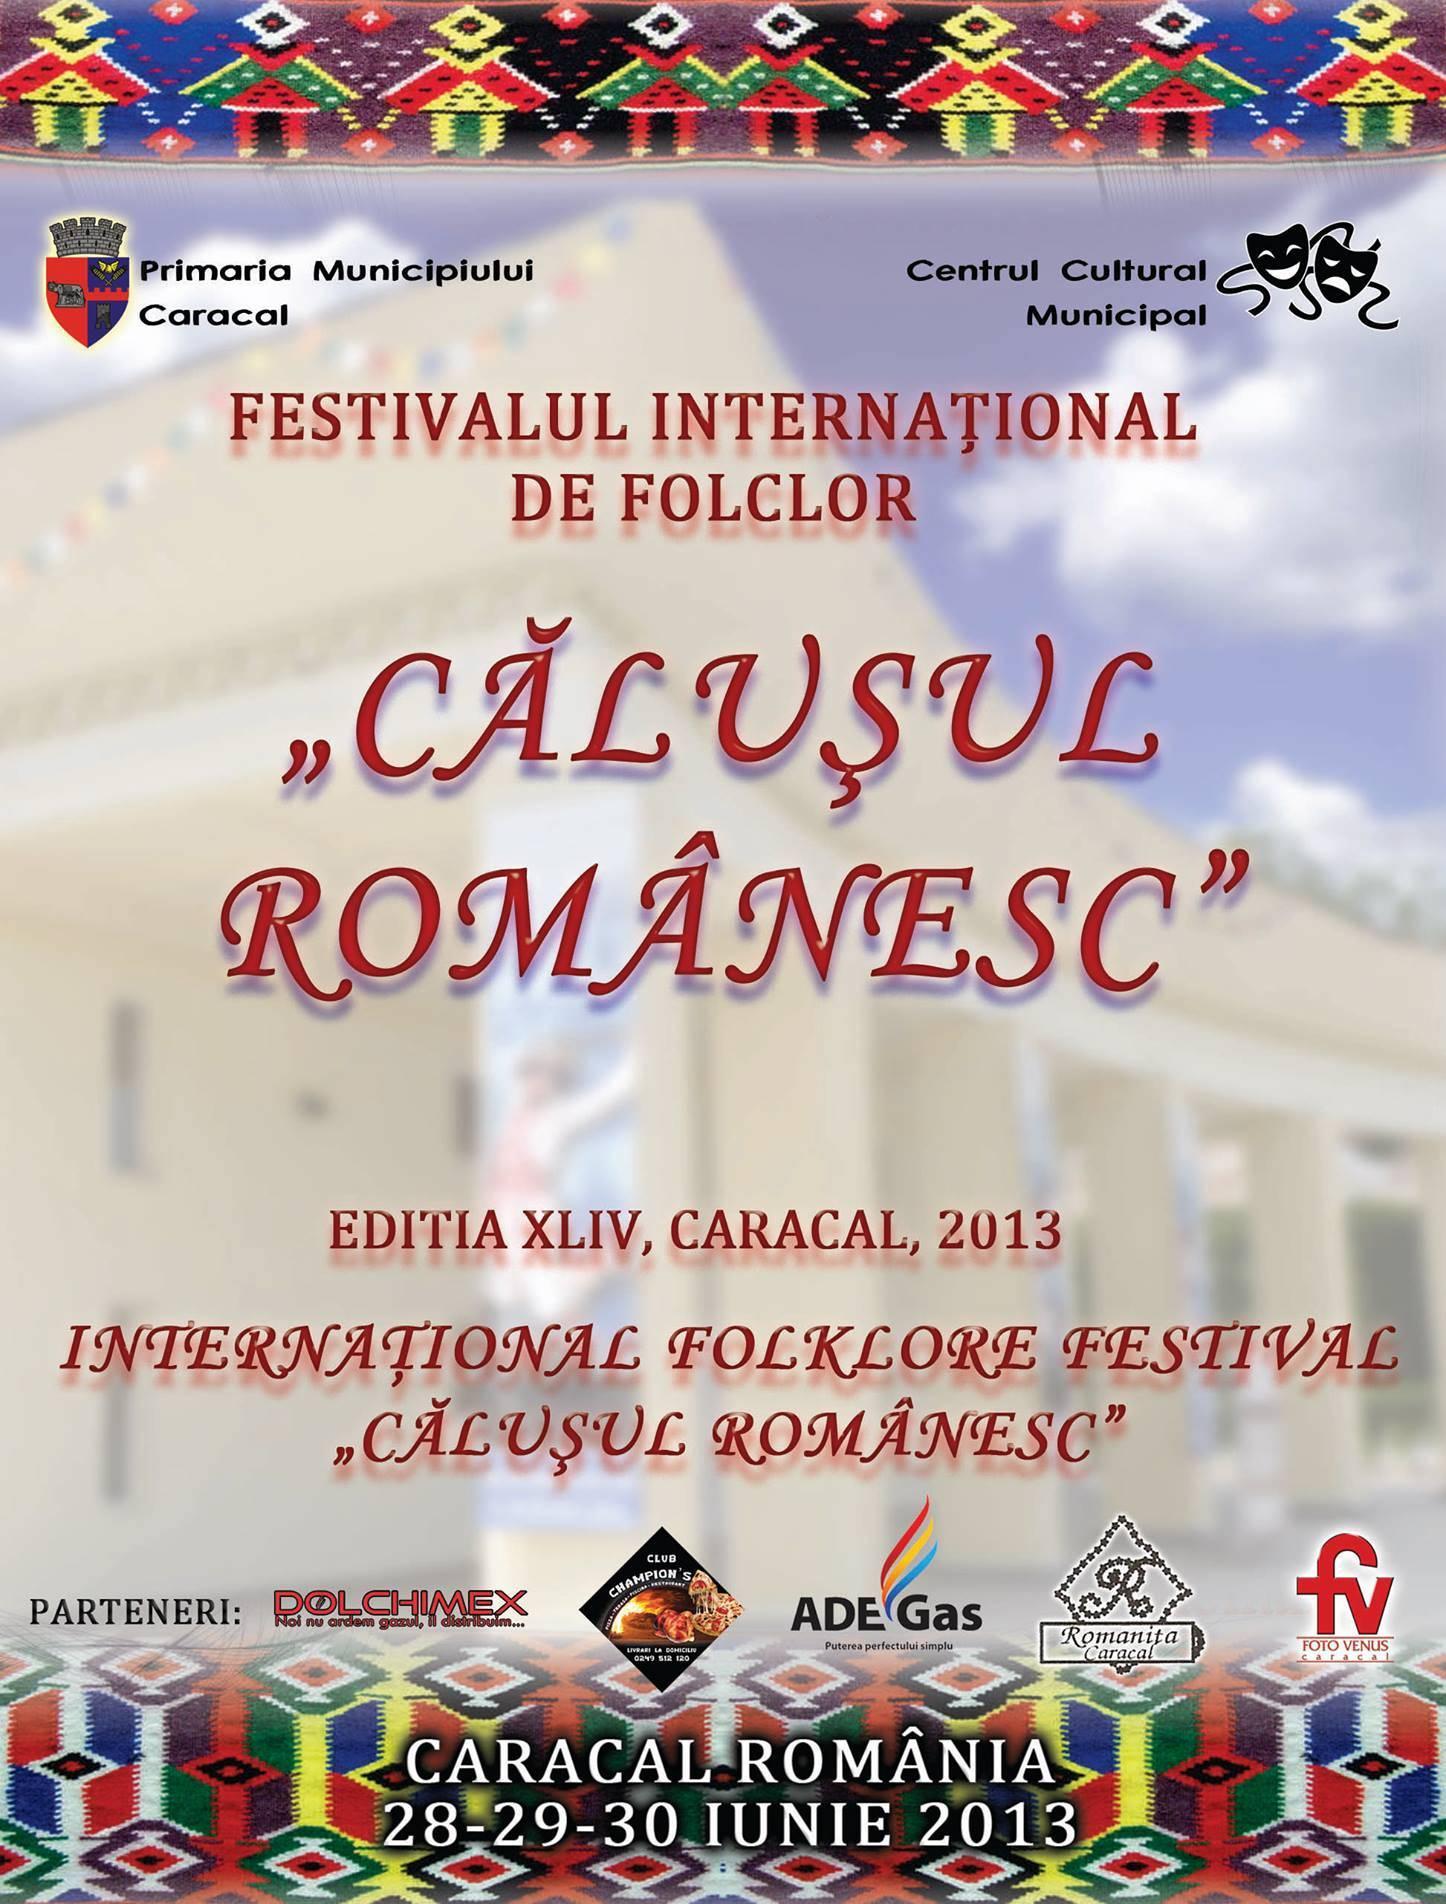 Istoria Festivalului